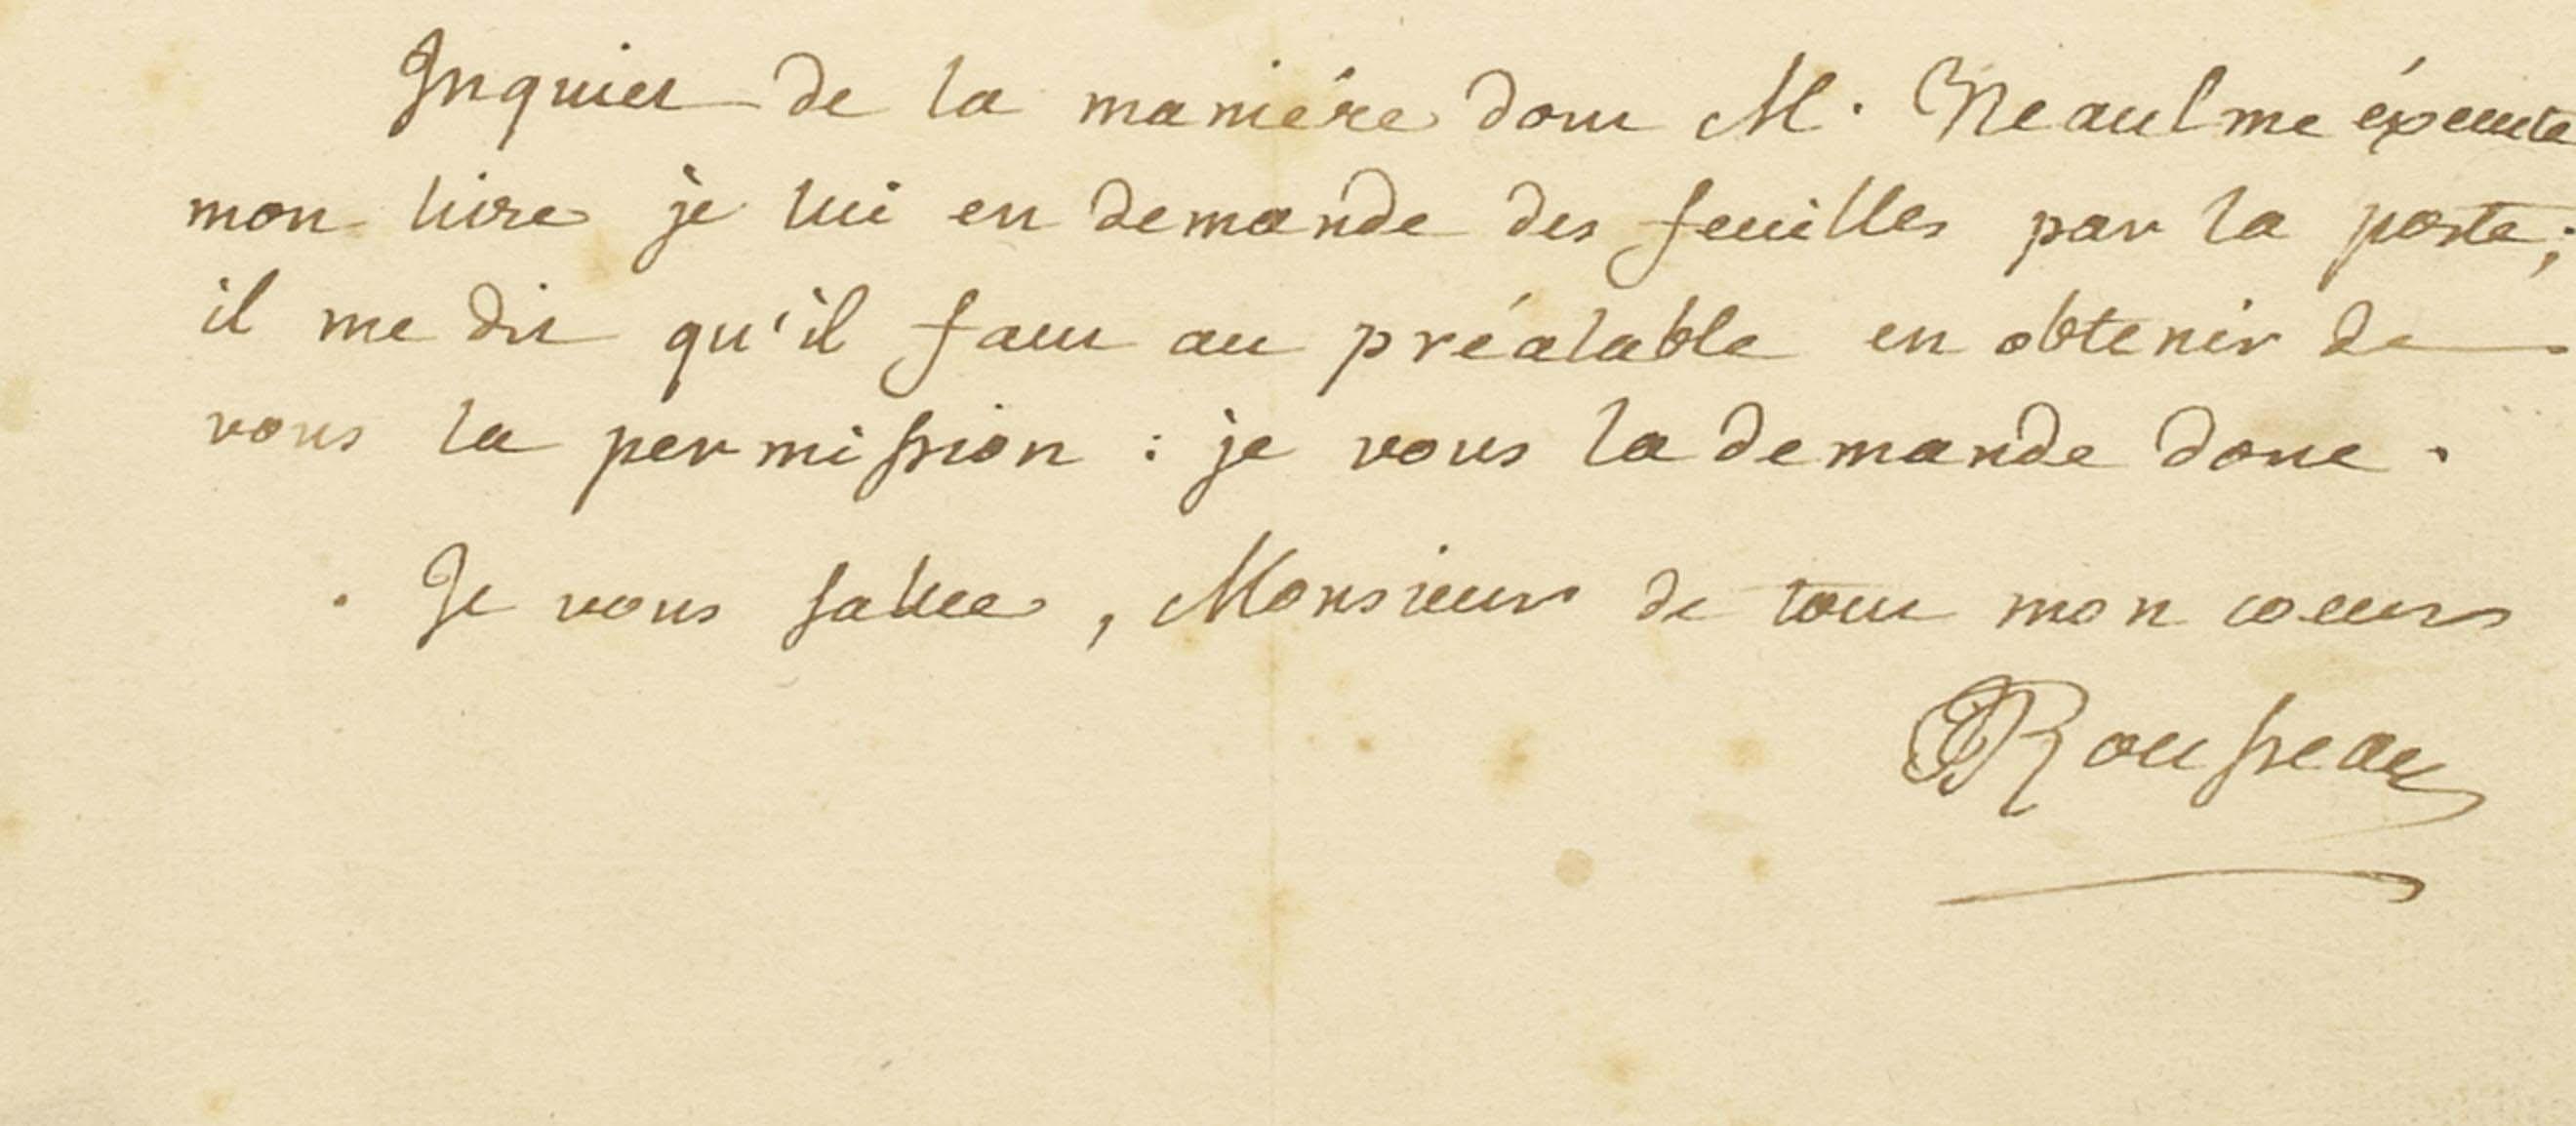 """ROUSSEAU, Jean-Jacques (1712-1778). Lettre autographe signée à un destinataire inconnu, située et datée """"a Montmorenci le 31 J[an]r ? 1762"""". Une page sur un feuillet in-8 (215 x 168 mm). Encre brune sur papier. (Rousseurs.) Provenance: ancienne collection Tronc-Jeanson."""